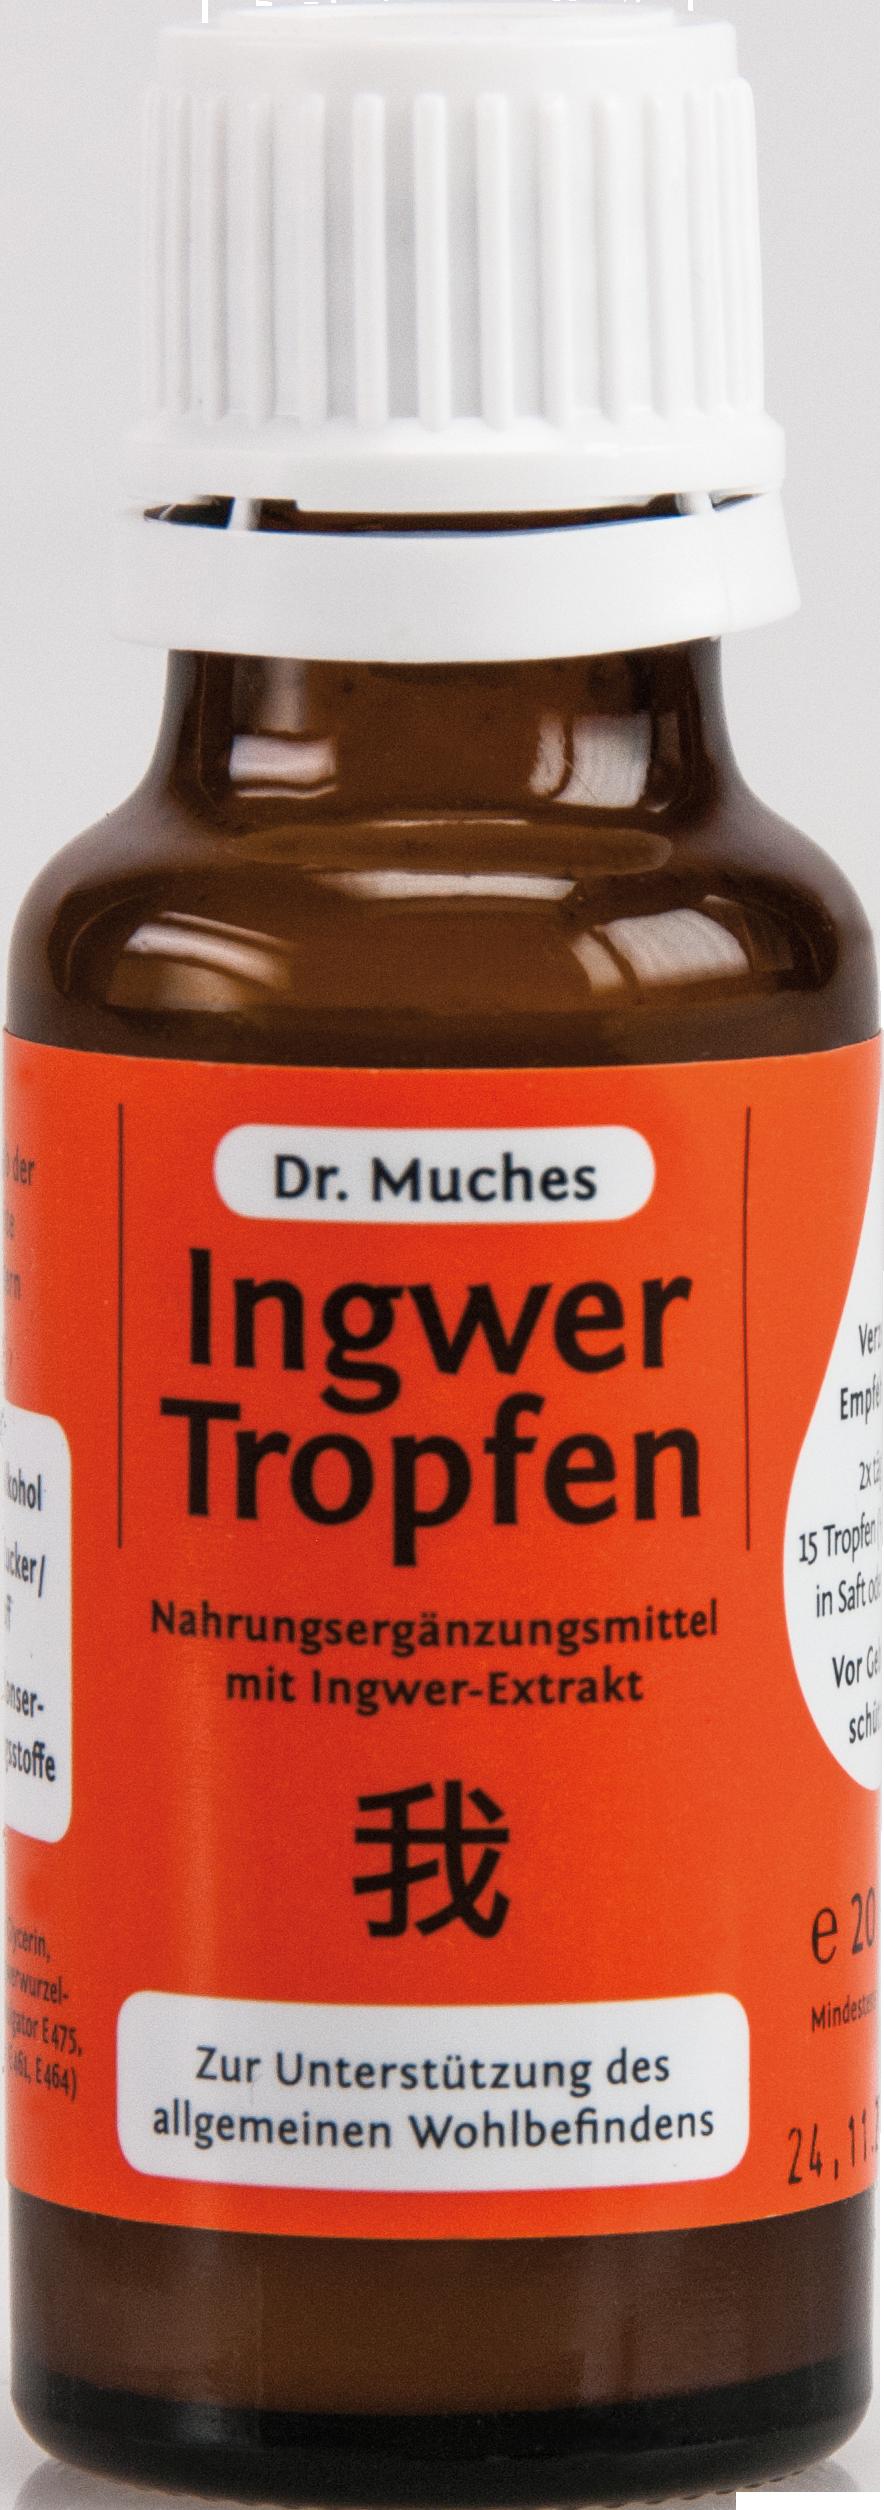 Ingwertropfen Dr.Muches